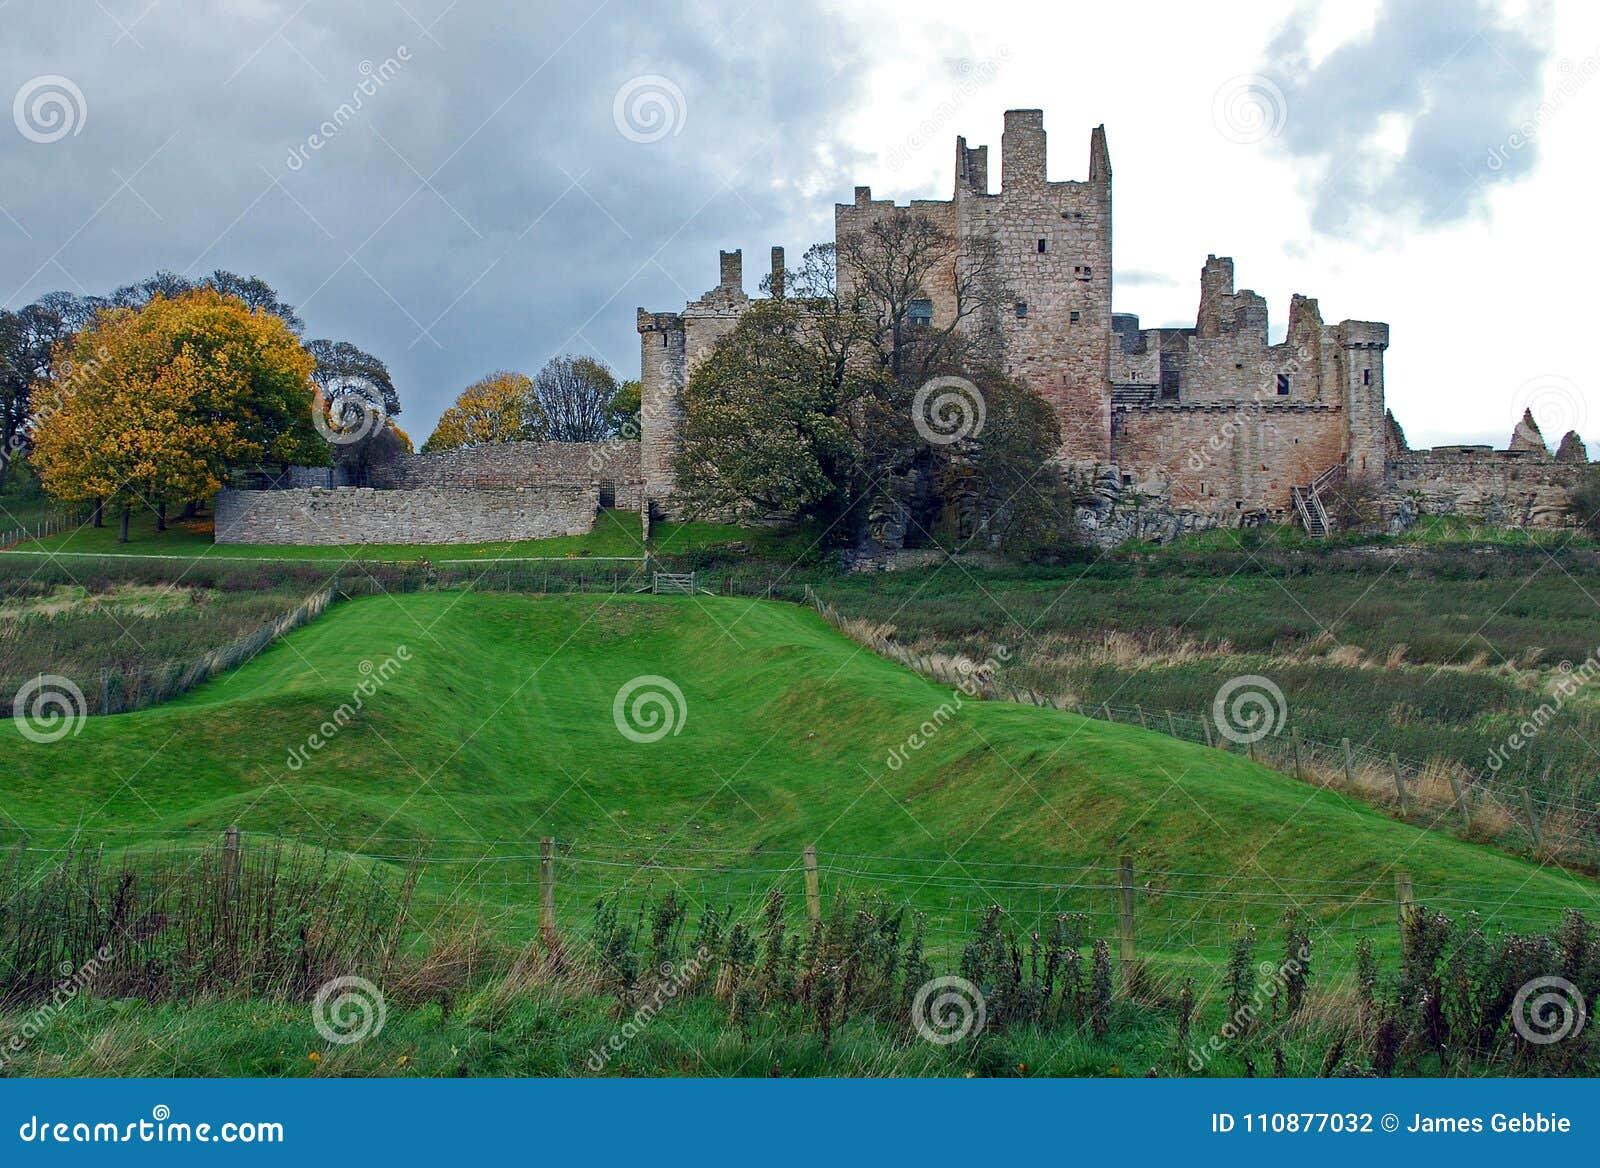 Castillo de Craigmillar un castillo medieval arruinado construido en el siglo XIV